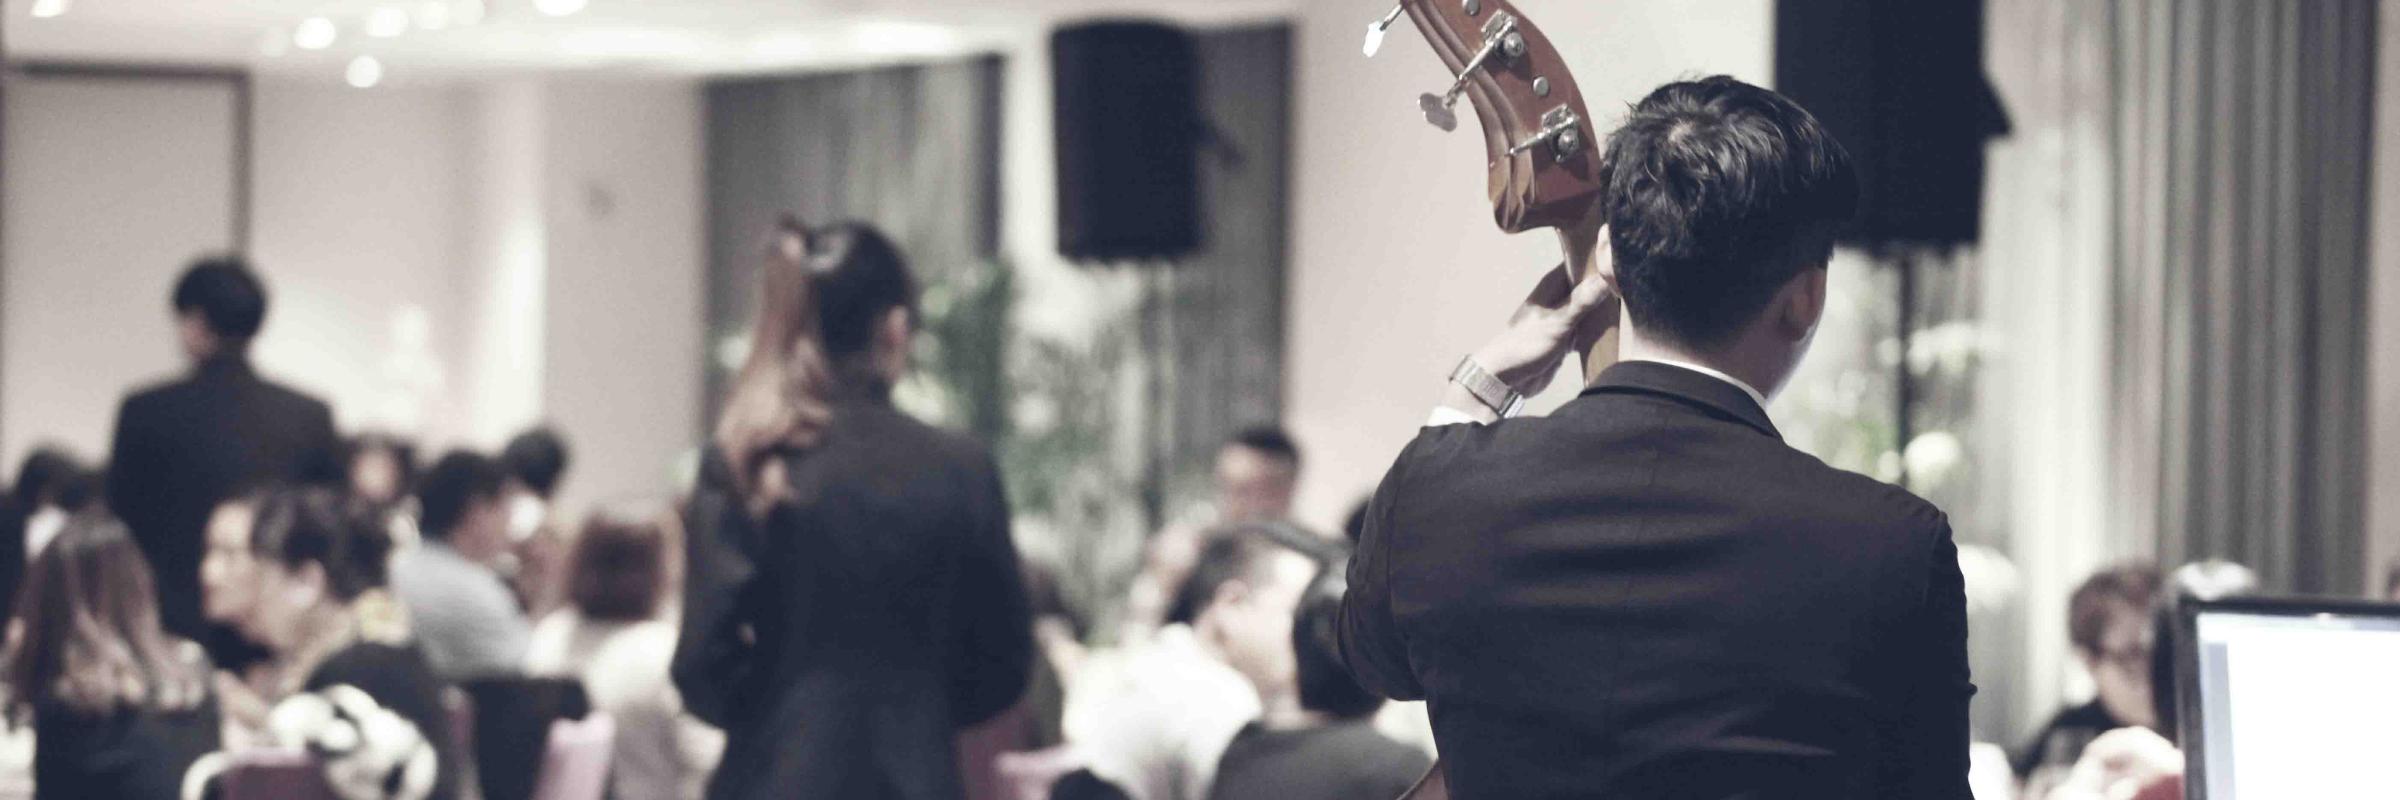 Gomina Swing, groupe de musique Chanteur en représentation à Isère - photo de couverture n° 2